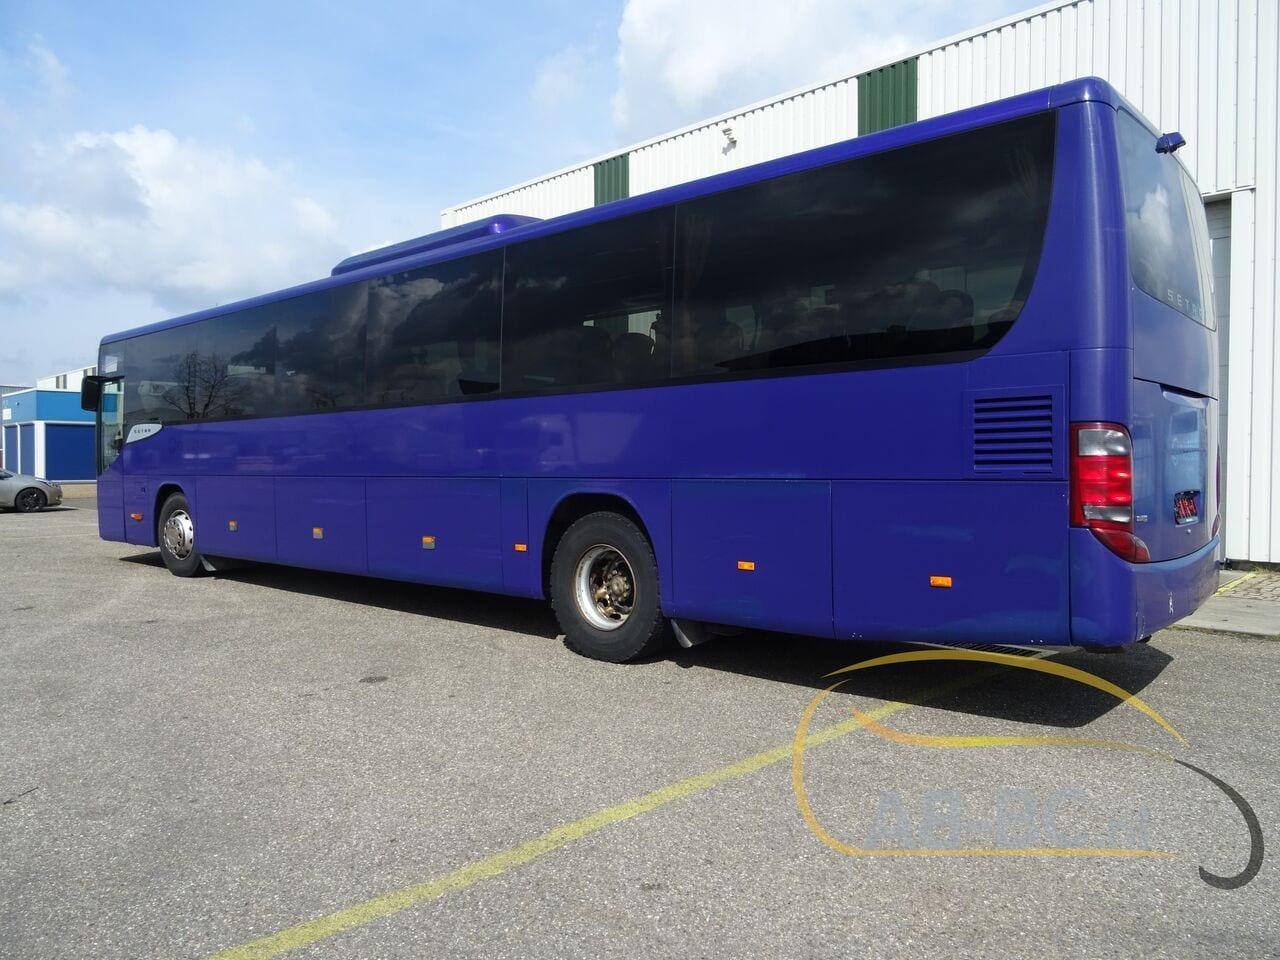 coach-busSETRA-S416H-48-SEATS-LIFTBUS---1620309689181327749_big_9d998f323d38626170cedaa772ff0326--21050616581387095000